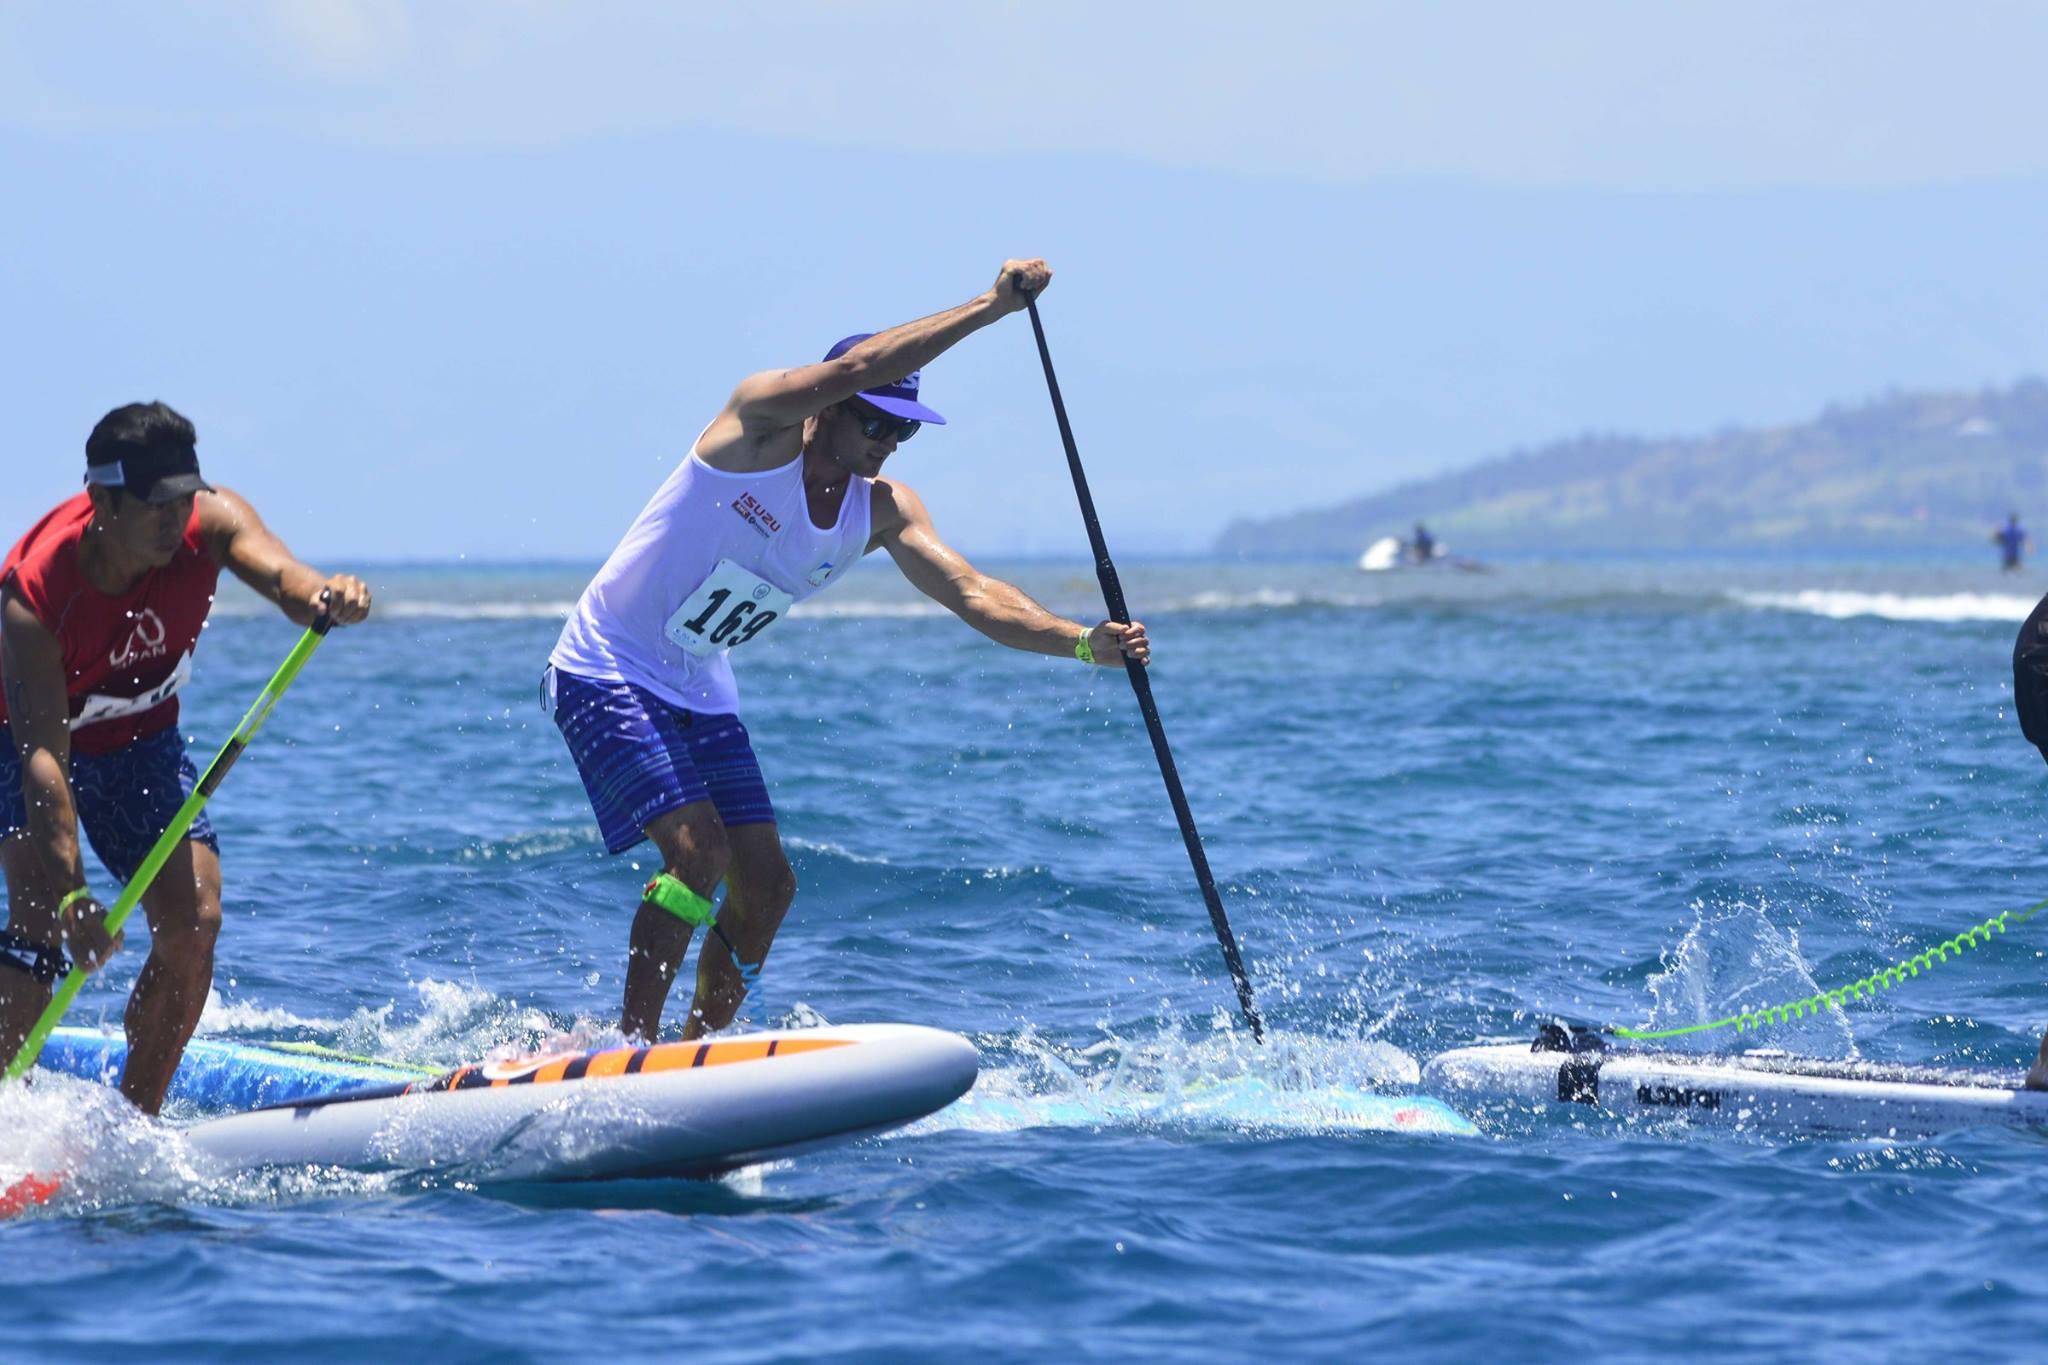 Titouan Puyo vice-champion du monde de sup longue distance